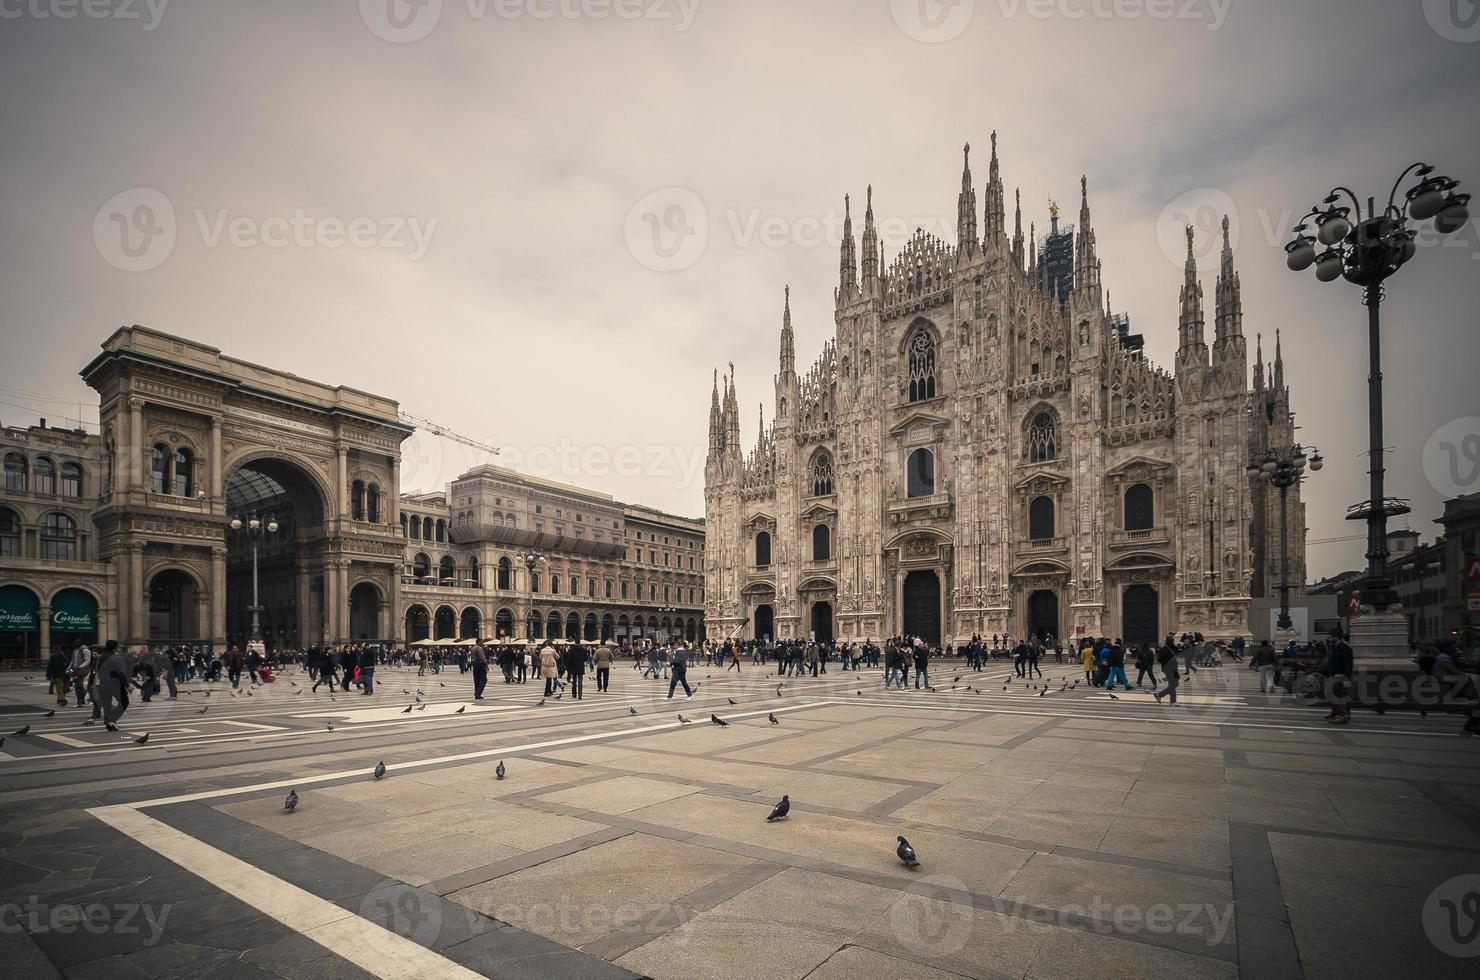 chiesa di cattedrale gotica di sguardo duomo di milano d'annata, annata foto